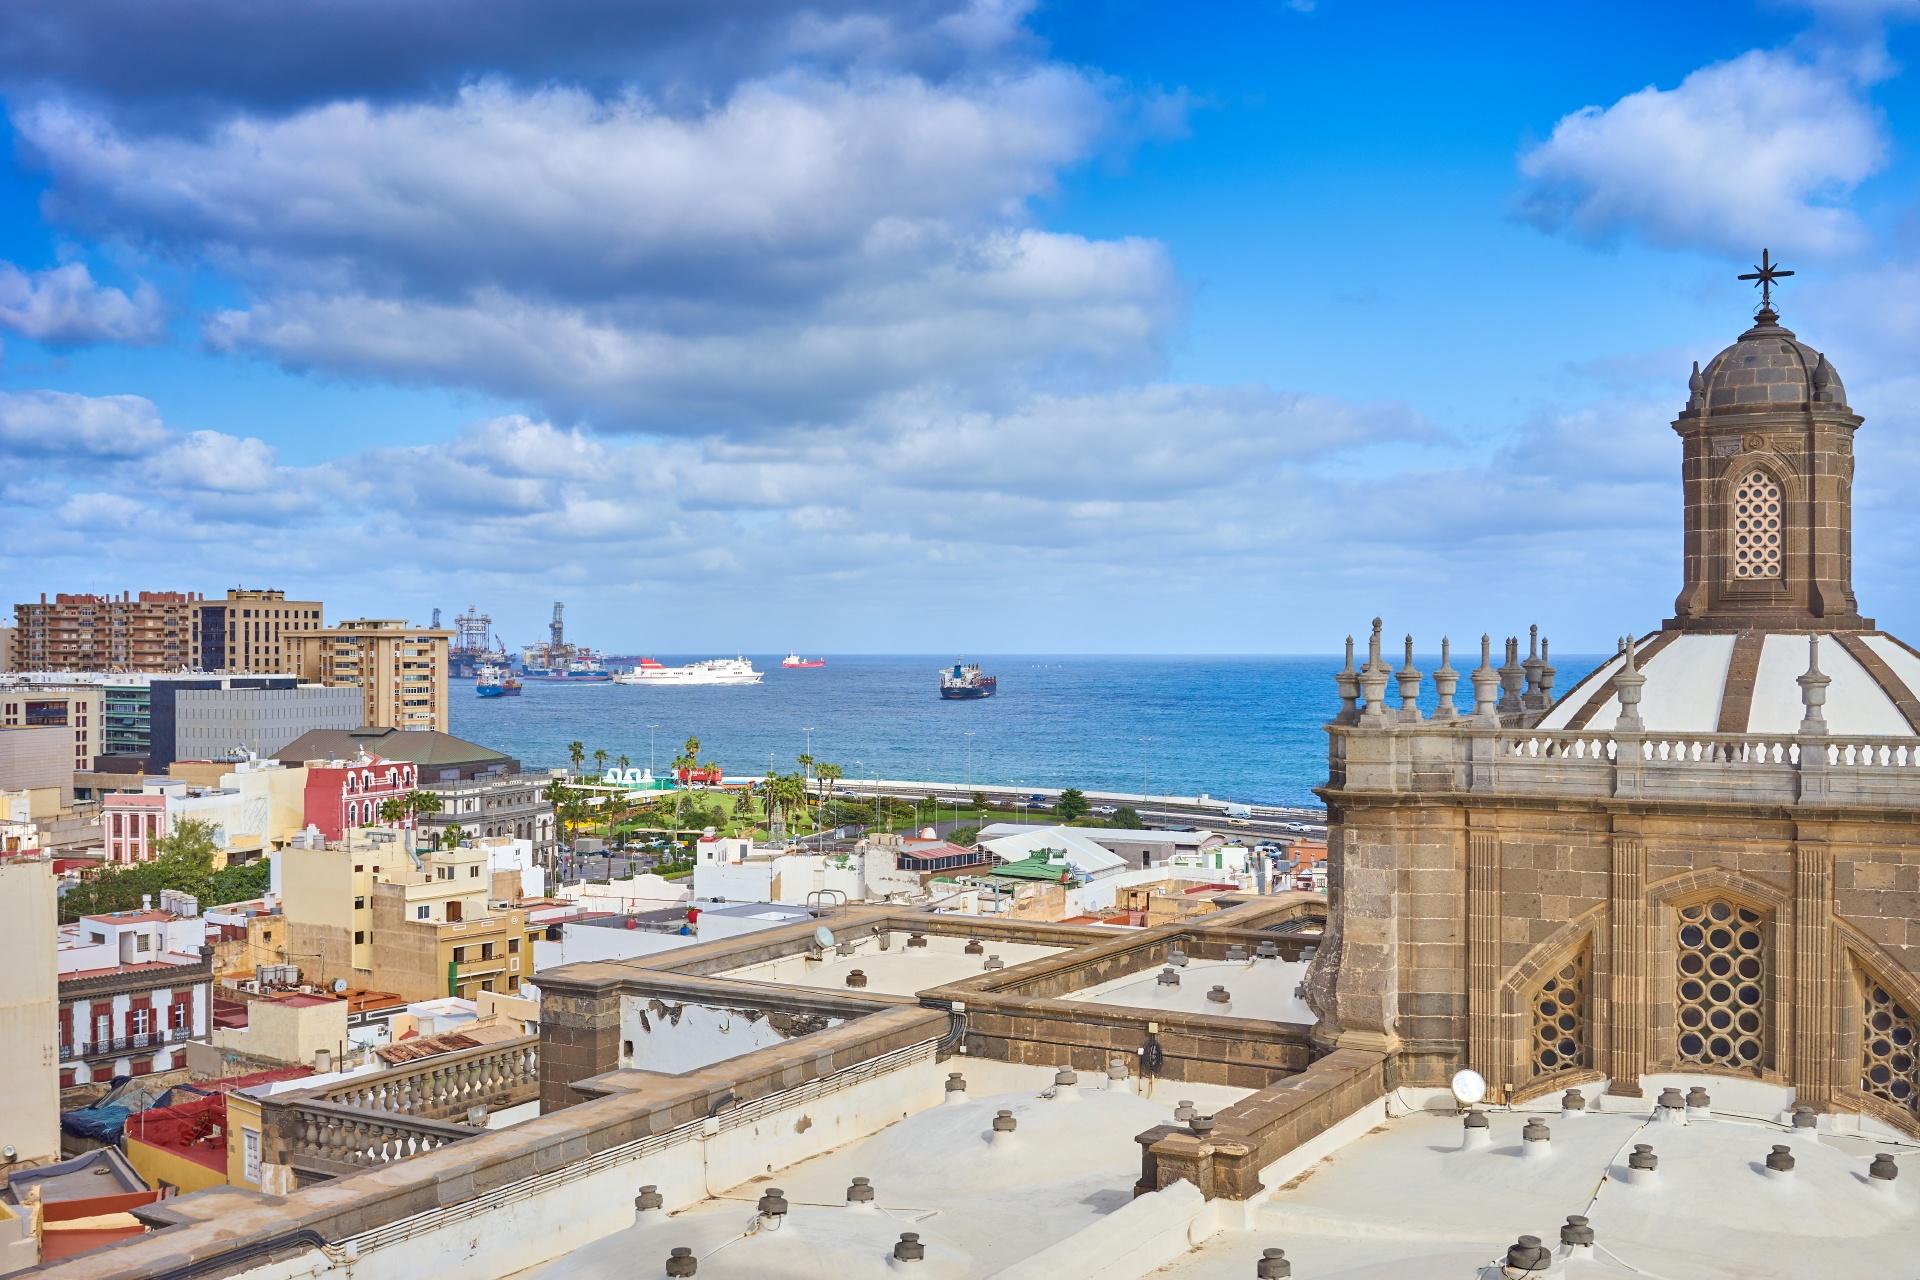 ラス・パルマスの風景 スペインの風景